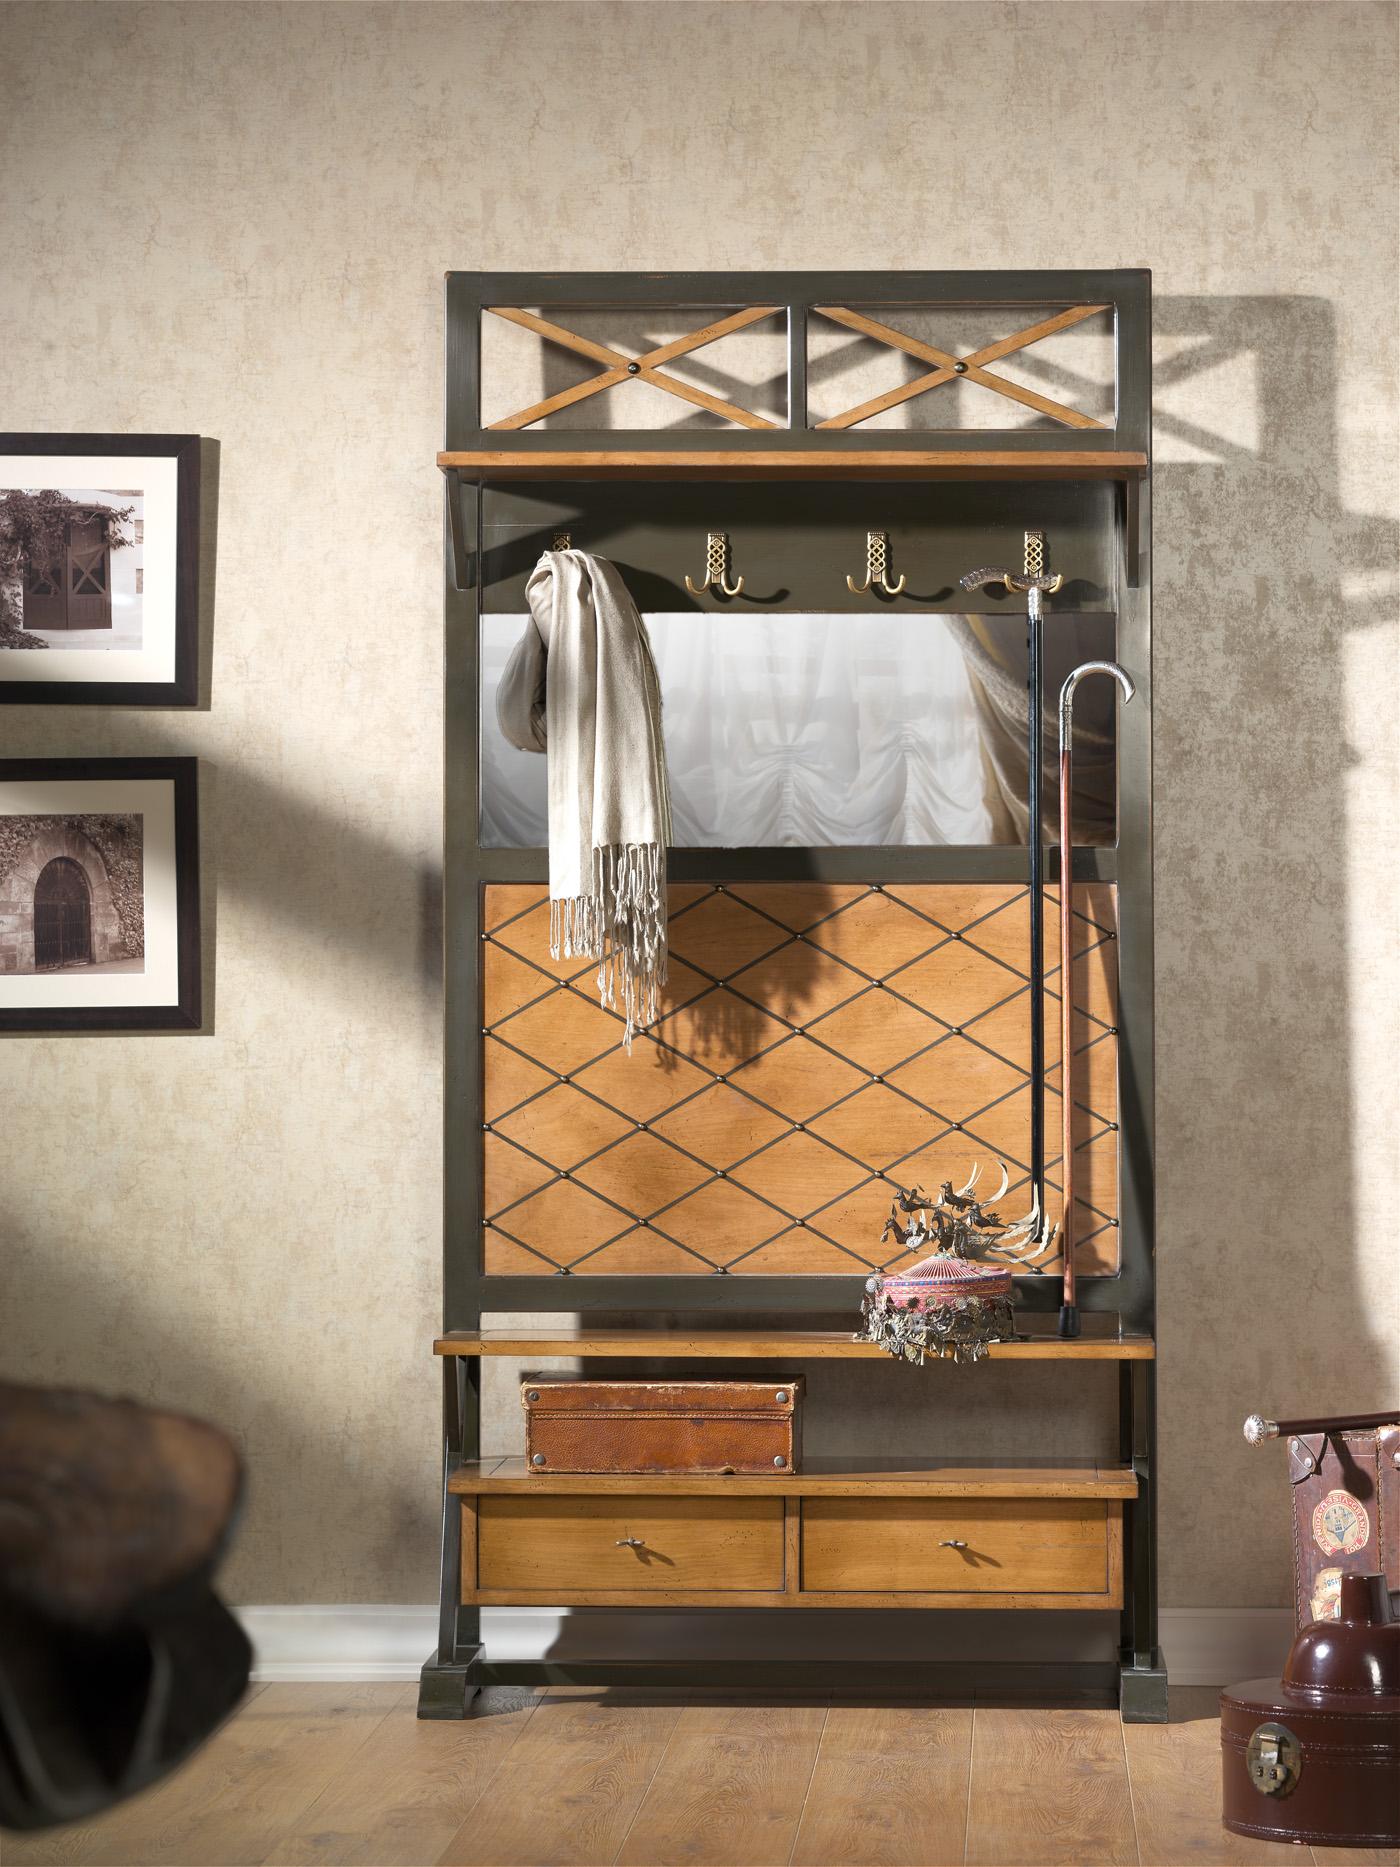 Прихожая черная am classic ac3350 , каталог корпусной мебели.